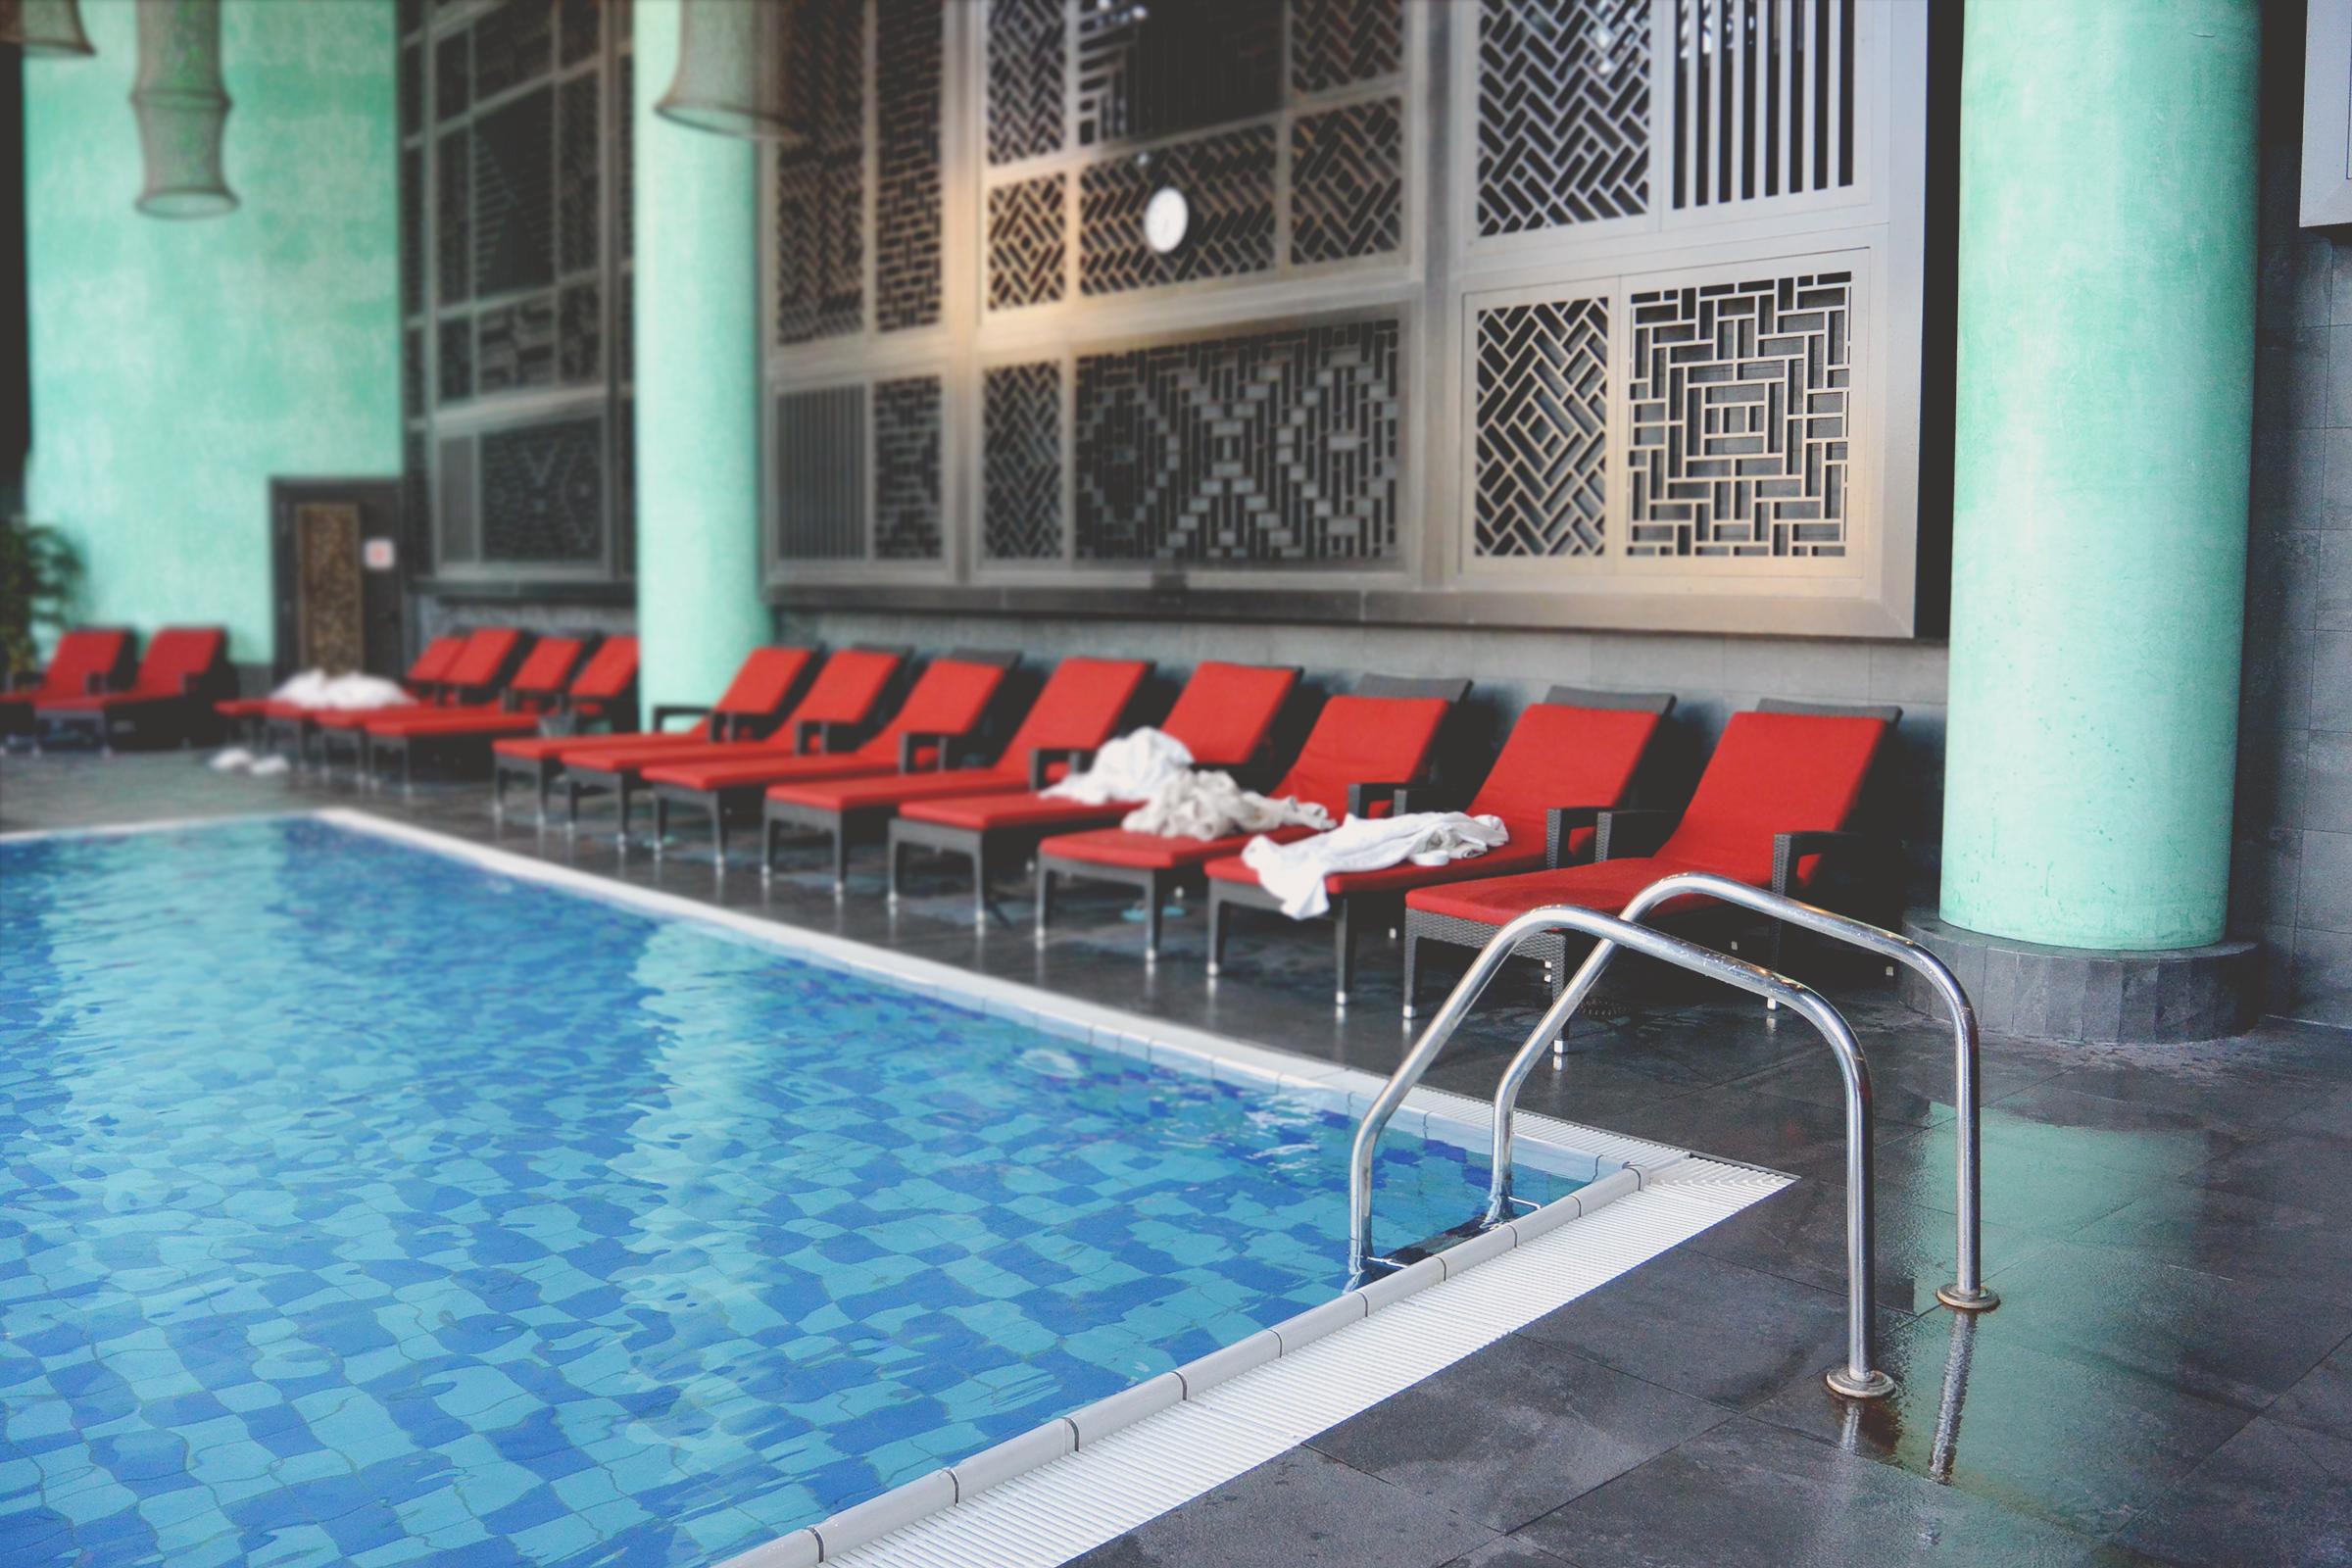 Un week-end spa au Hilton d'Evian-les-bains